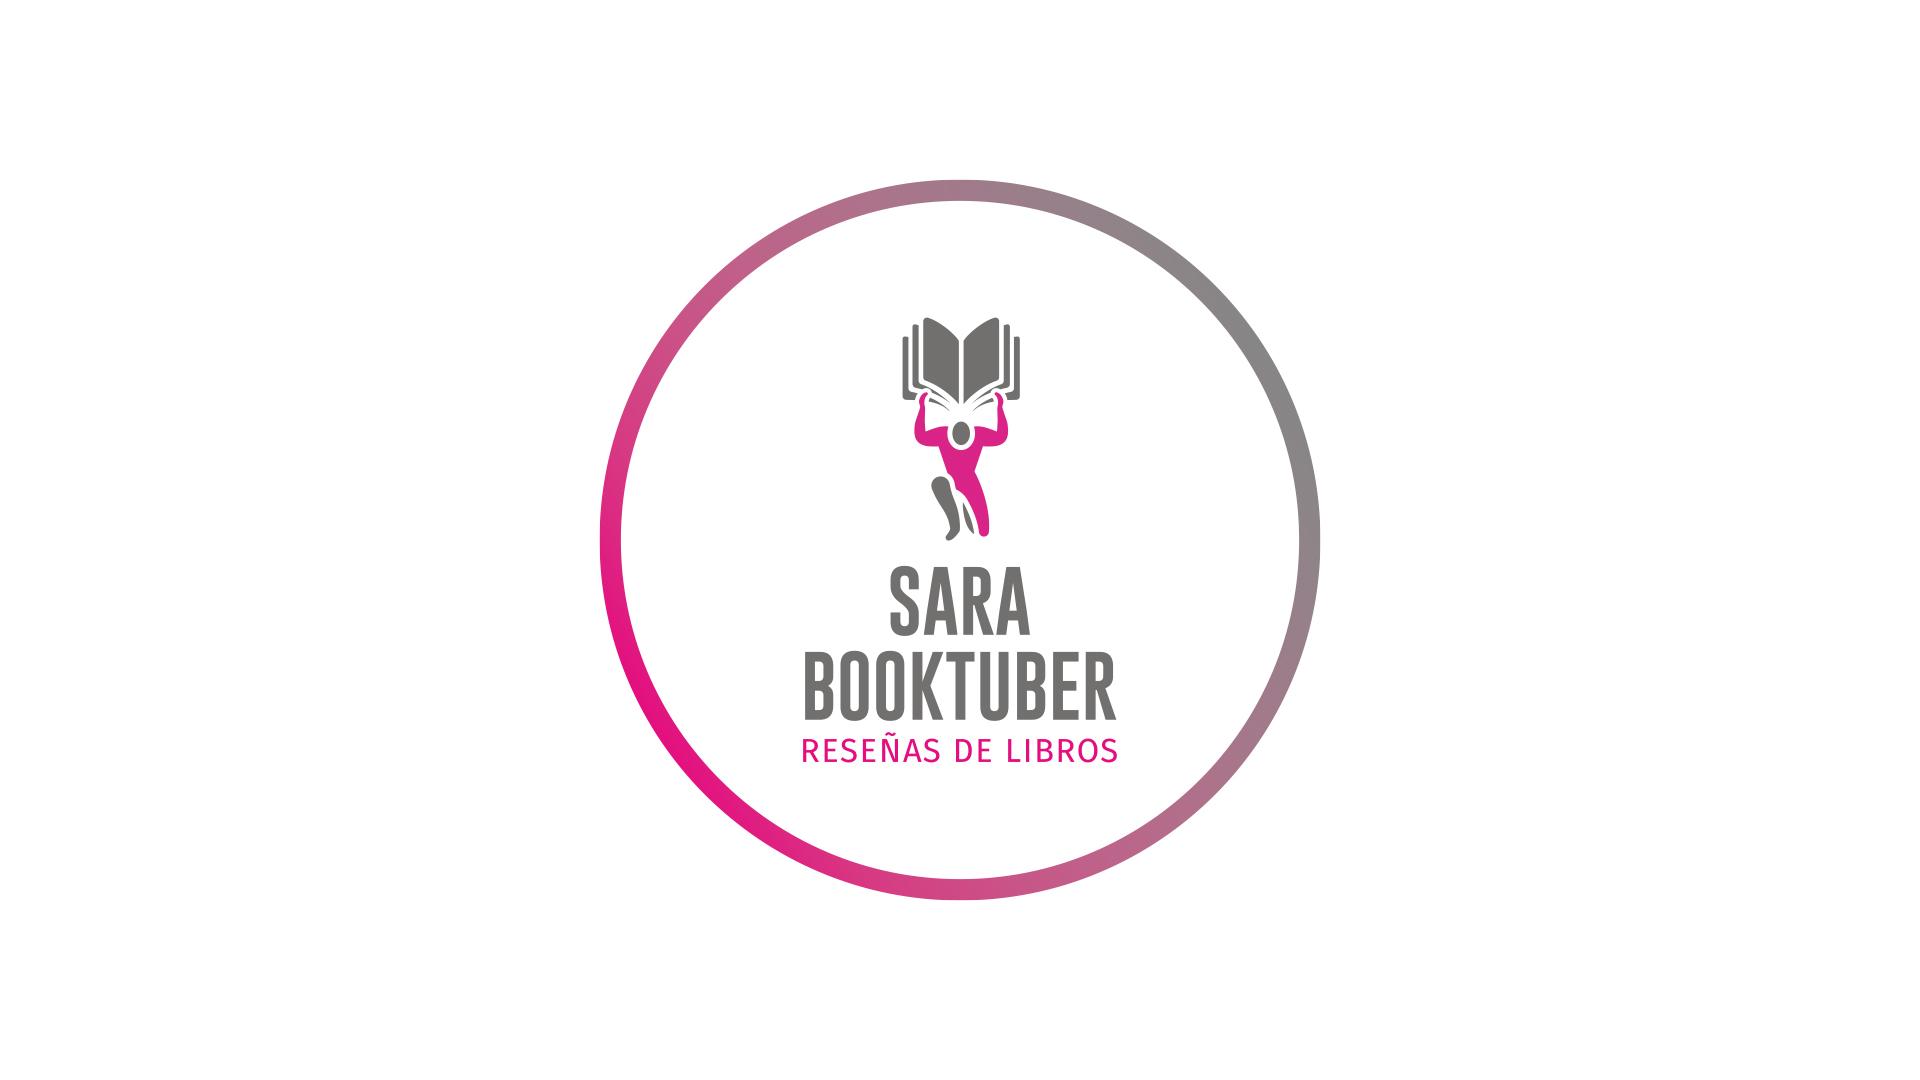 Sara Booktuber - Logo - Imagen